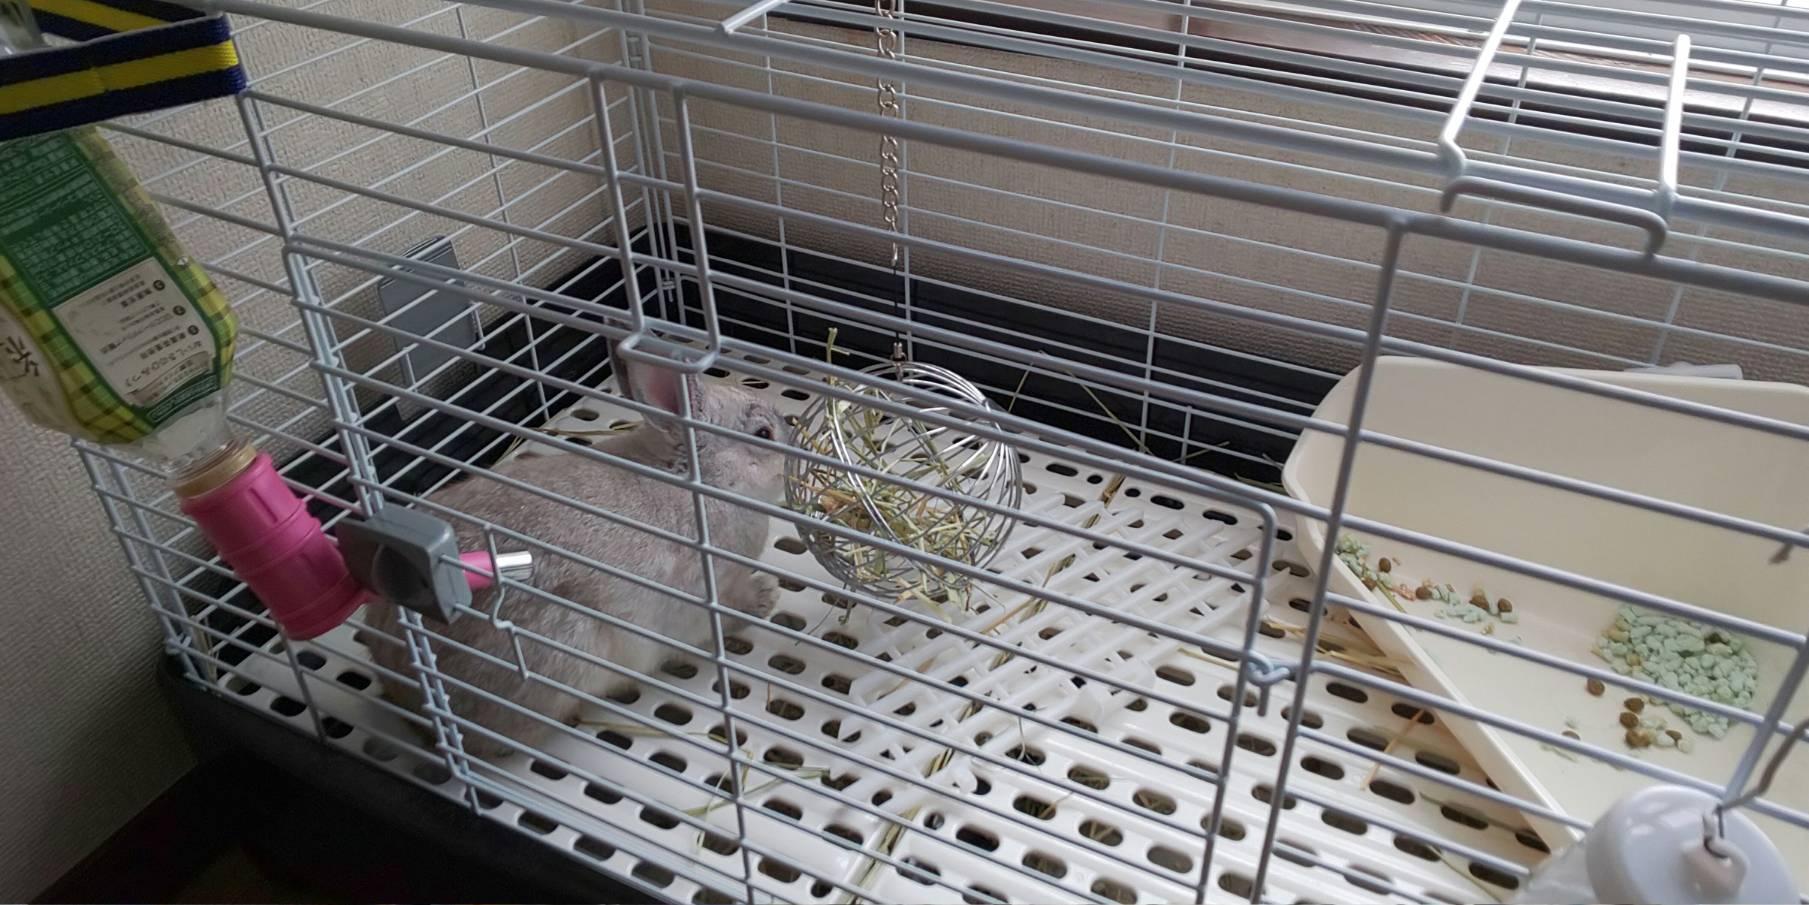 【ミニウサギ】チモシーをちゃんと食べれるようになった!